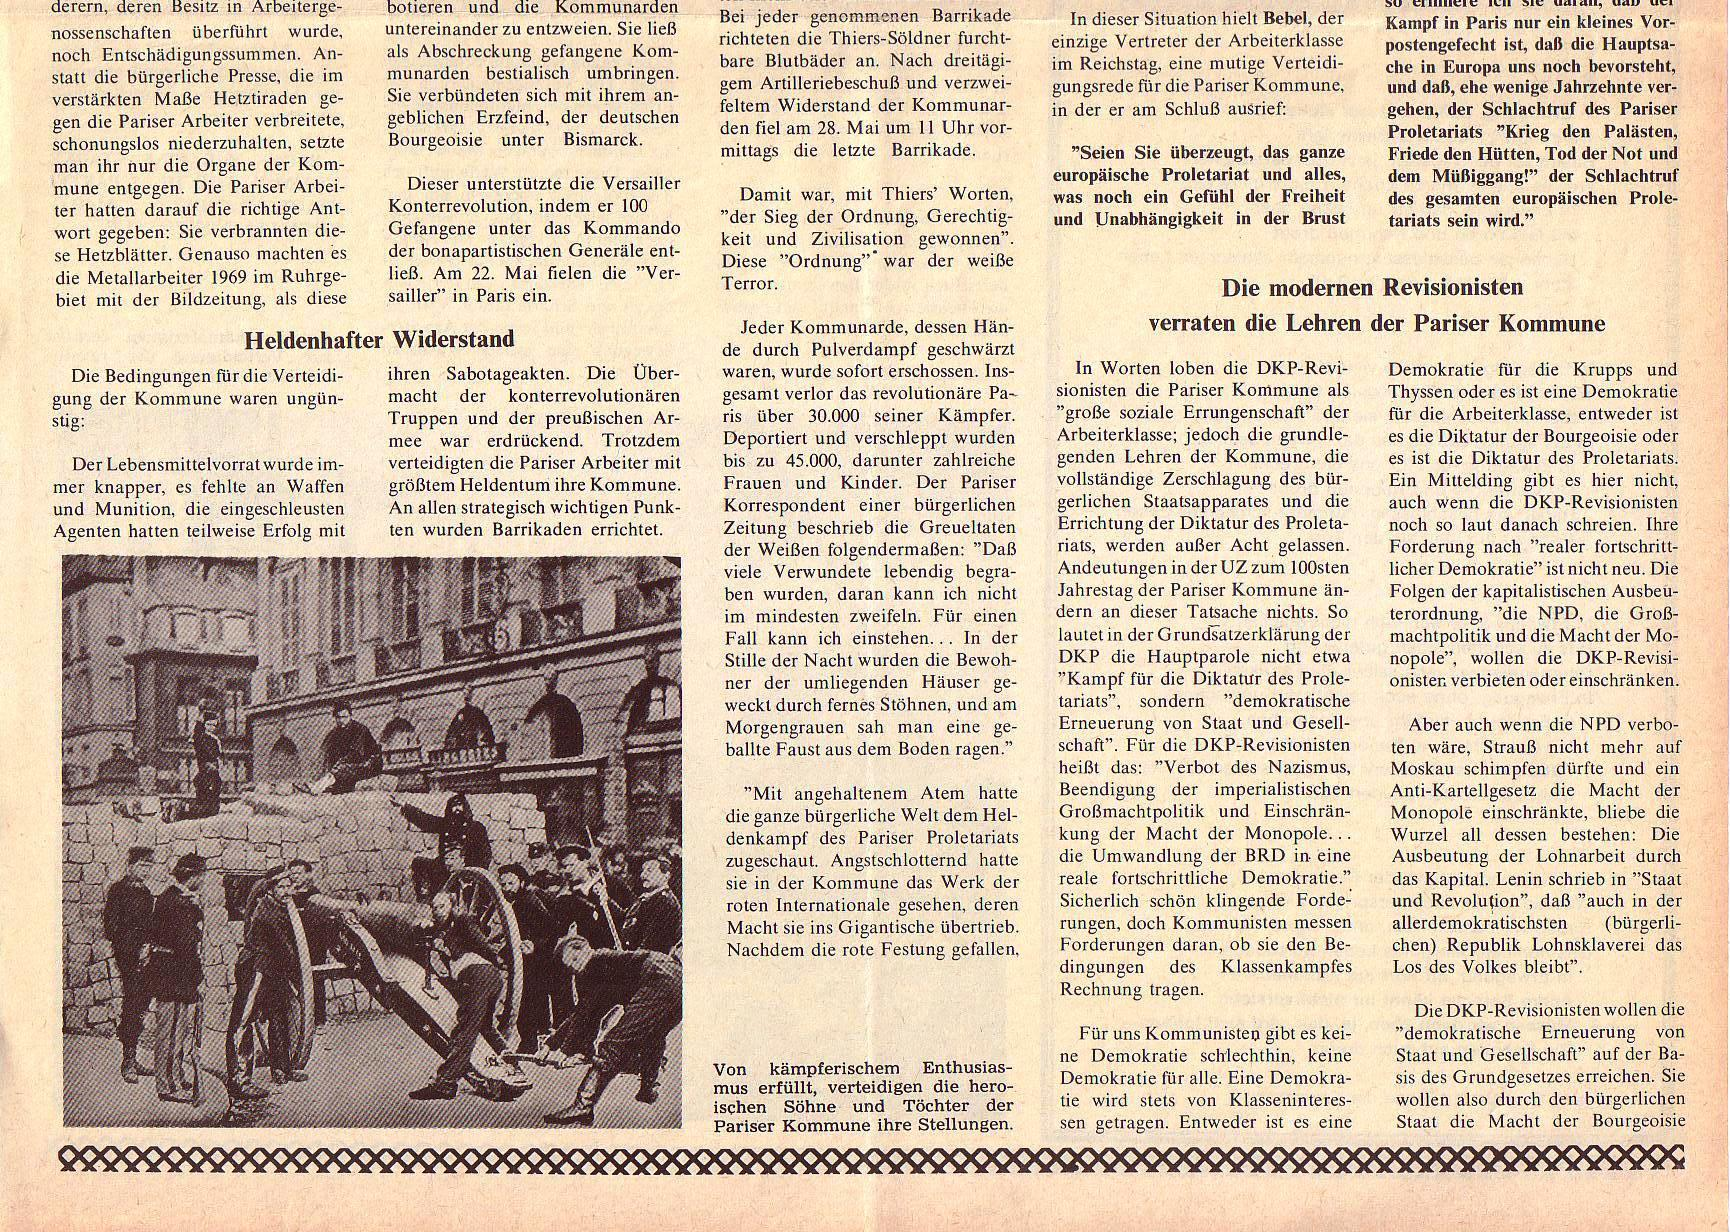 Roter Morgen, 5. Jg., April 1971, Nr. 4, Seite 11b